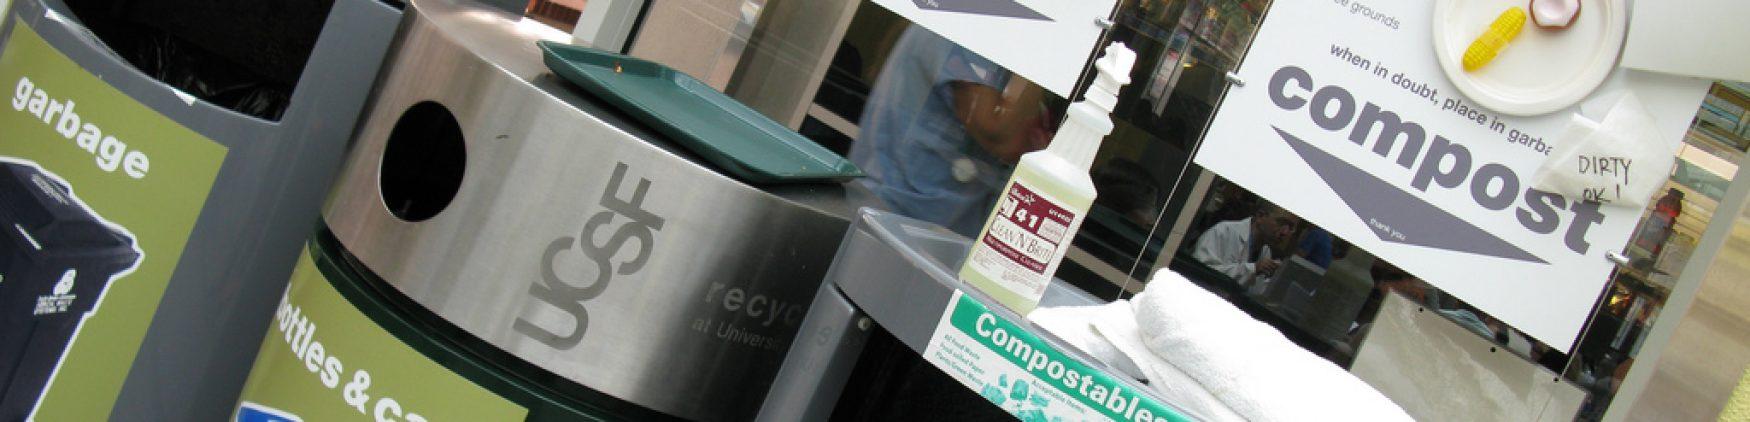 Prévention & réduction des déchets